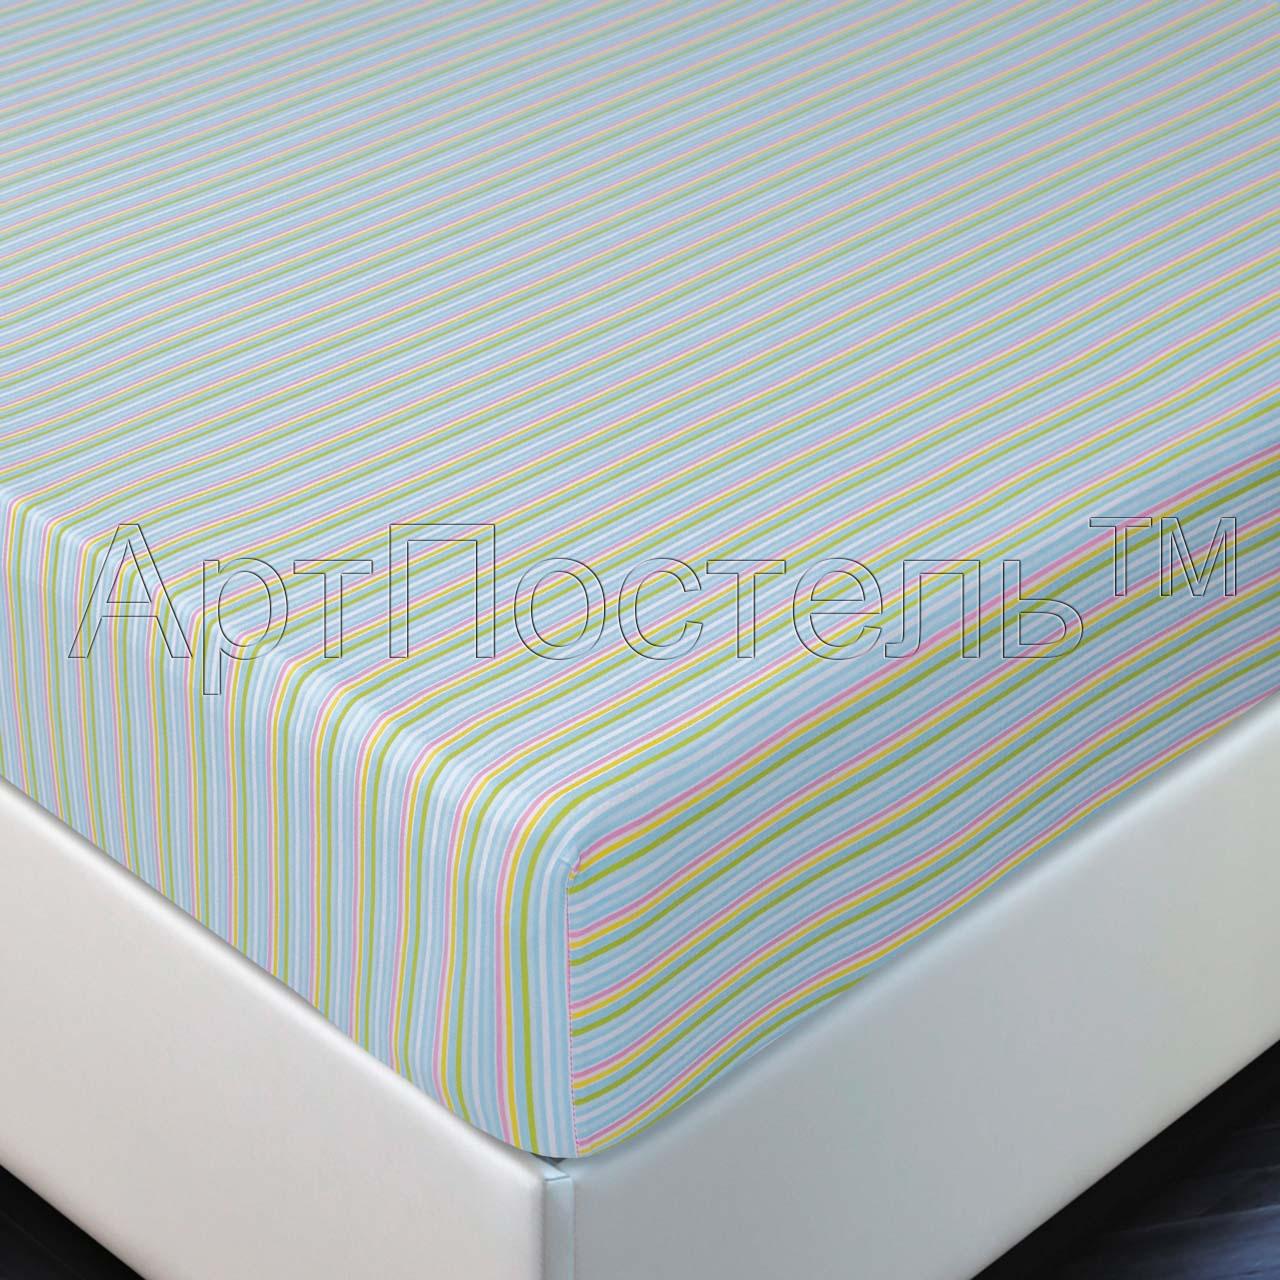 Простыня на резинке Радуга р. 200х200Простыни<br>Плотность ткани: 140 г/кв. м <br>Высота матраса: 20 см<br><br>Тип: Простыня на резинке<br>Размер: 200х200<br>Материал: Кулирка